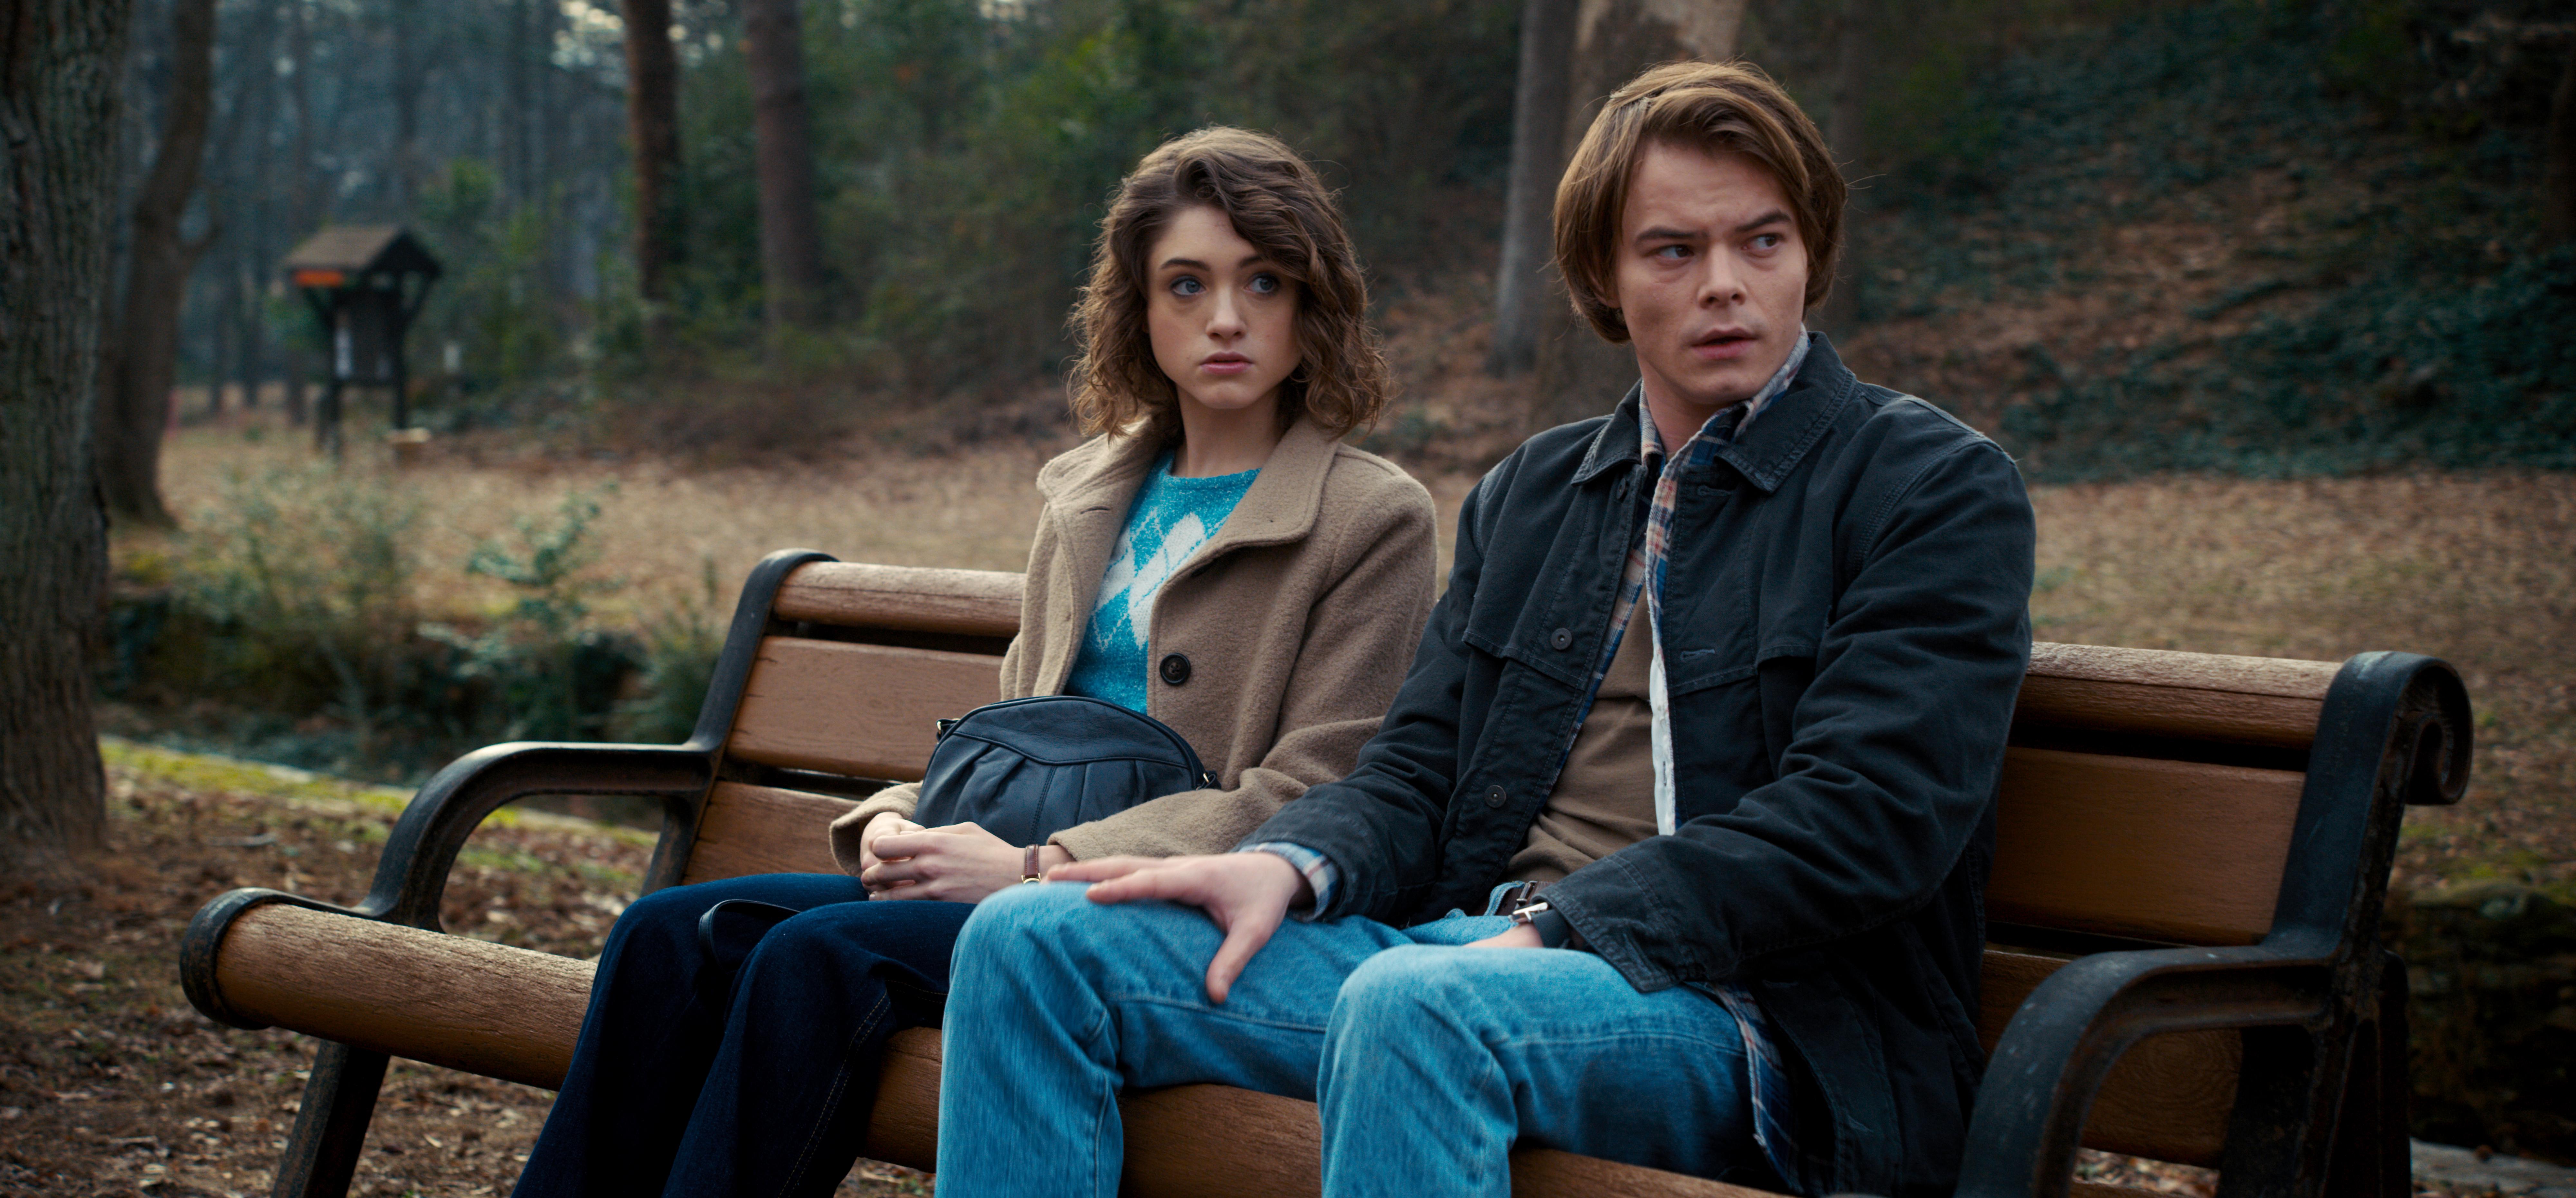 Nancy e Jonathan em Stranger Things sentados em um banco no parque